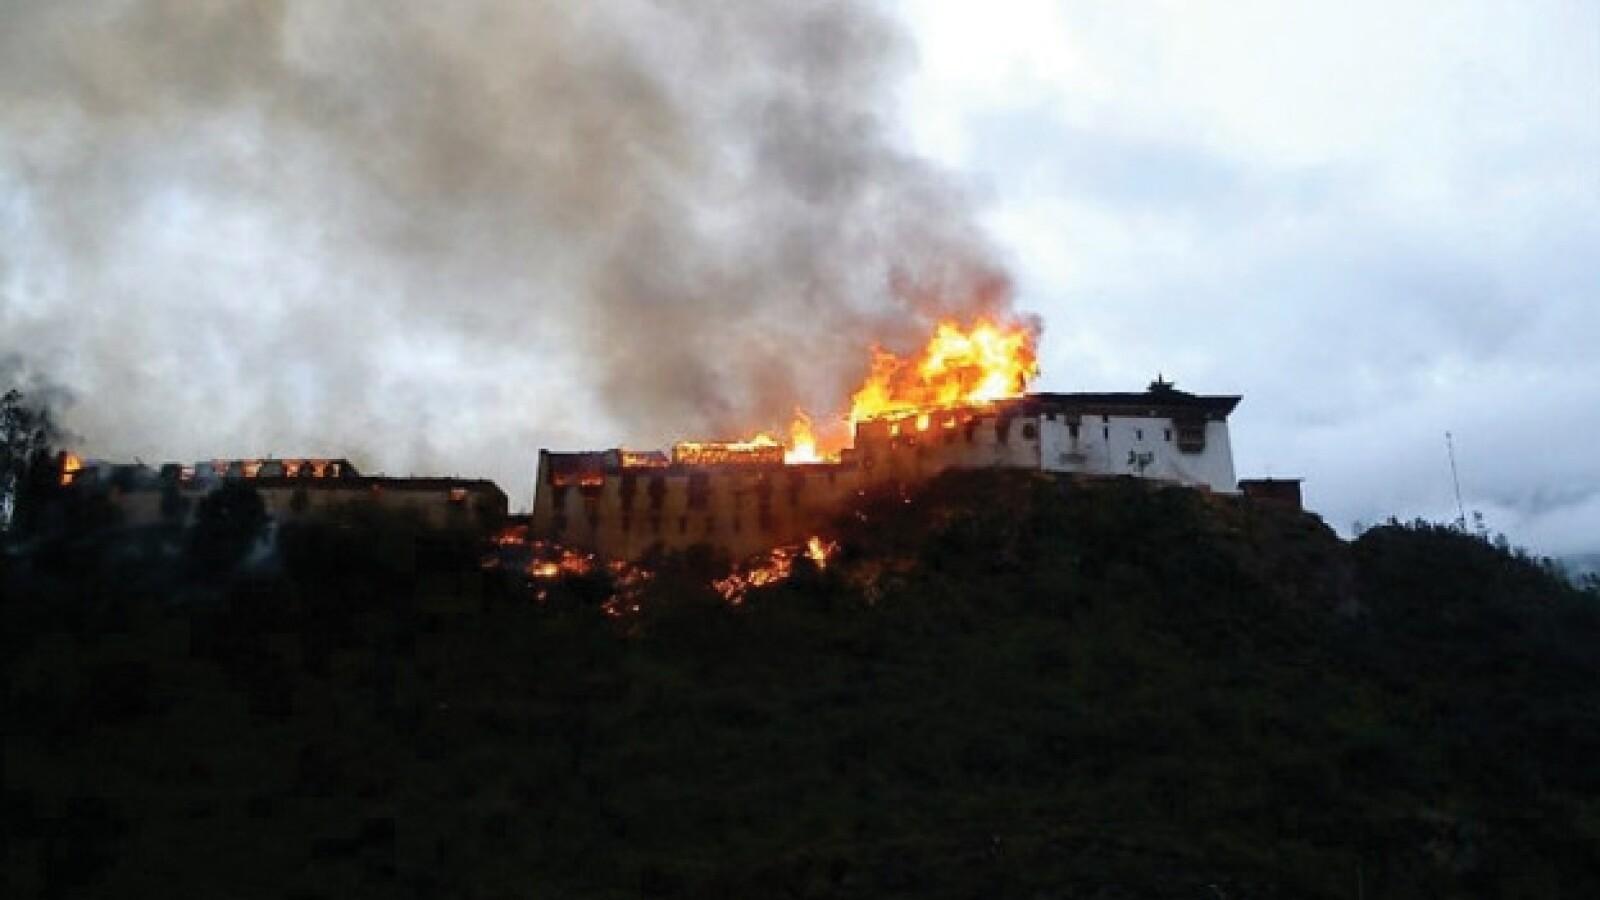 incendio en buthan